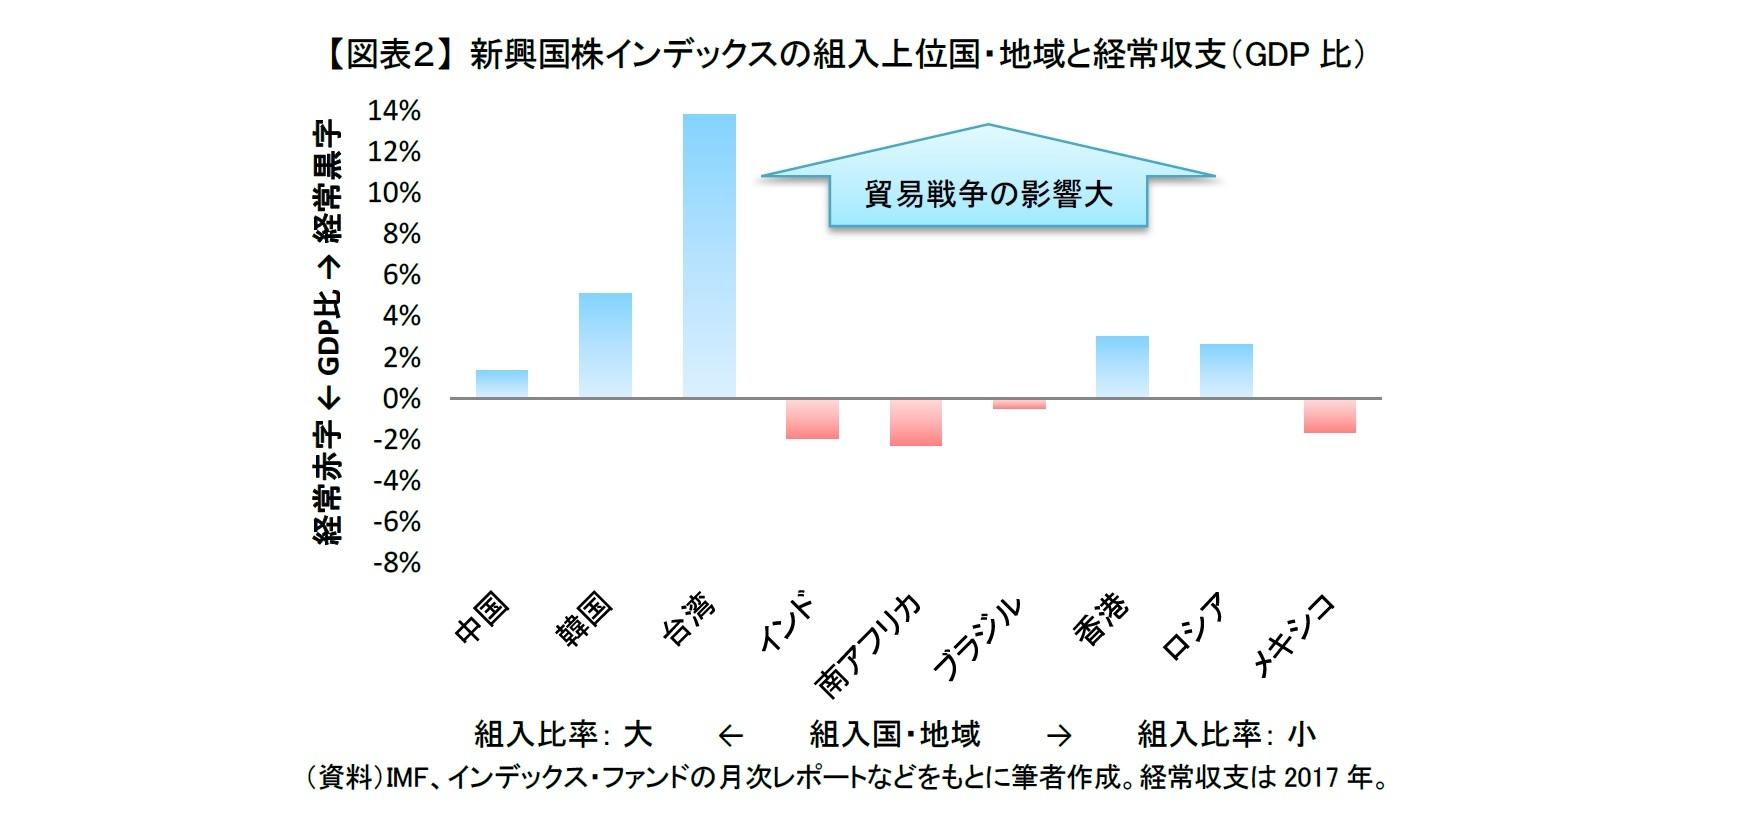 【図表2】 新興国株インデックスの組入上位国・地域と経常収支(GDP比)